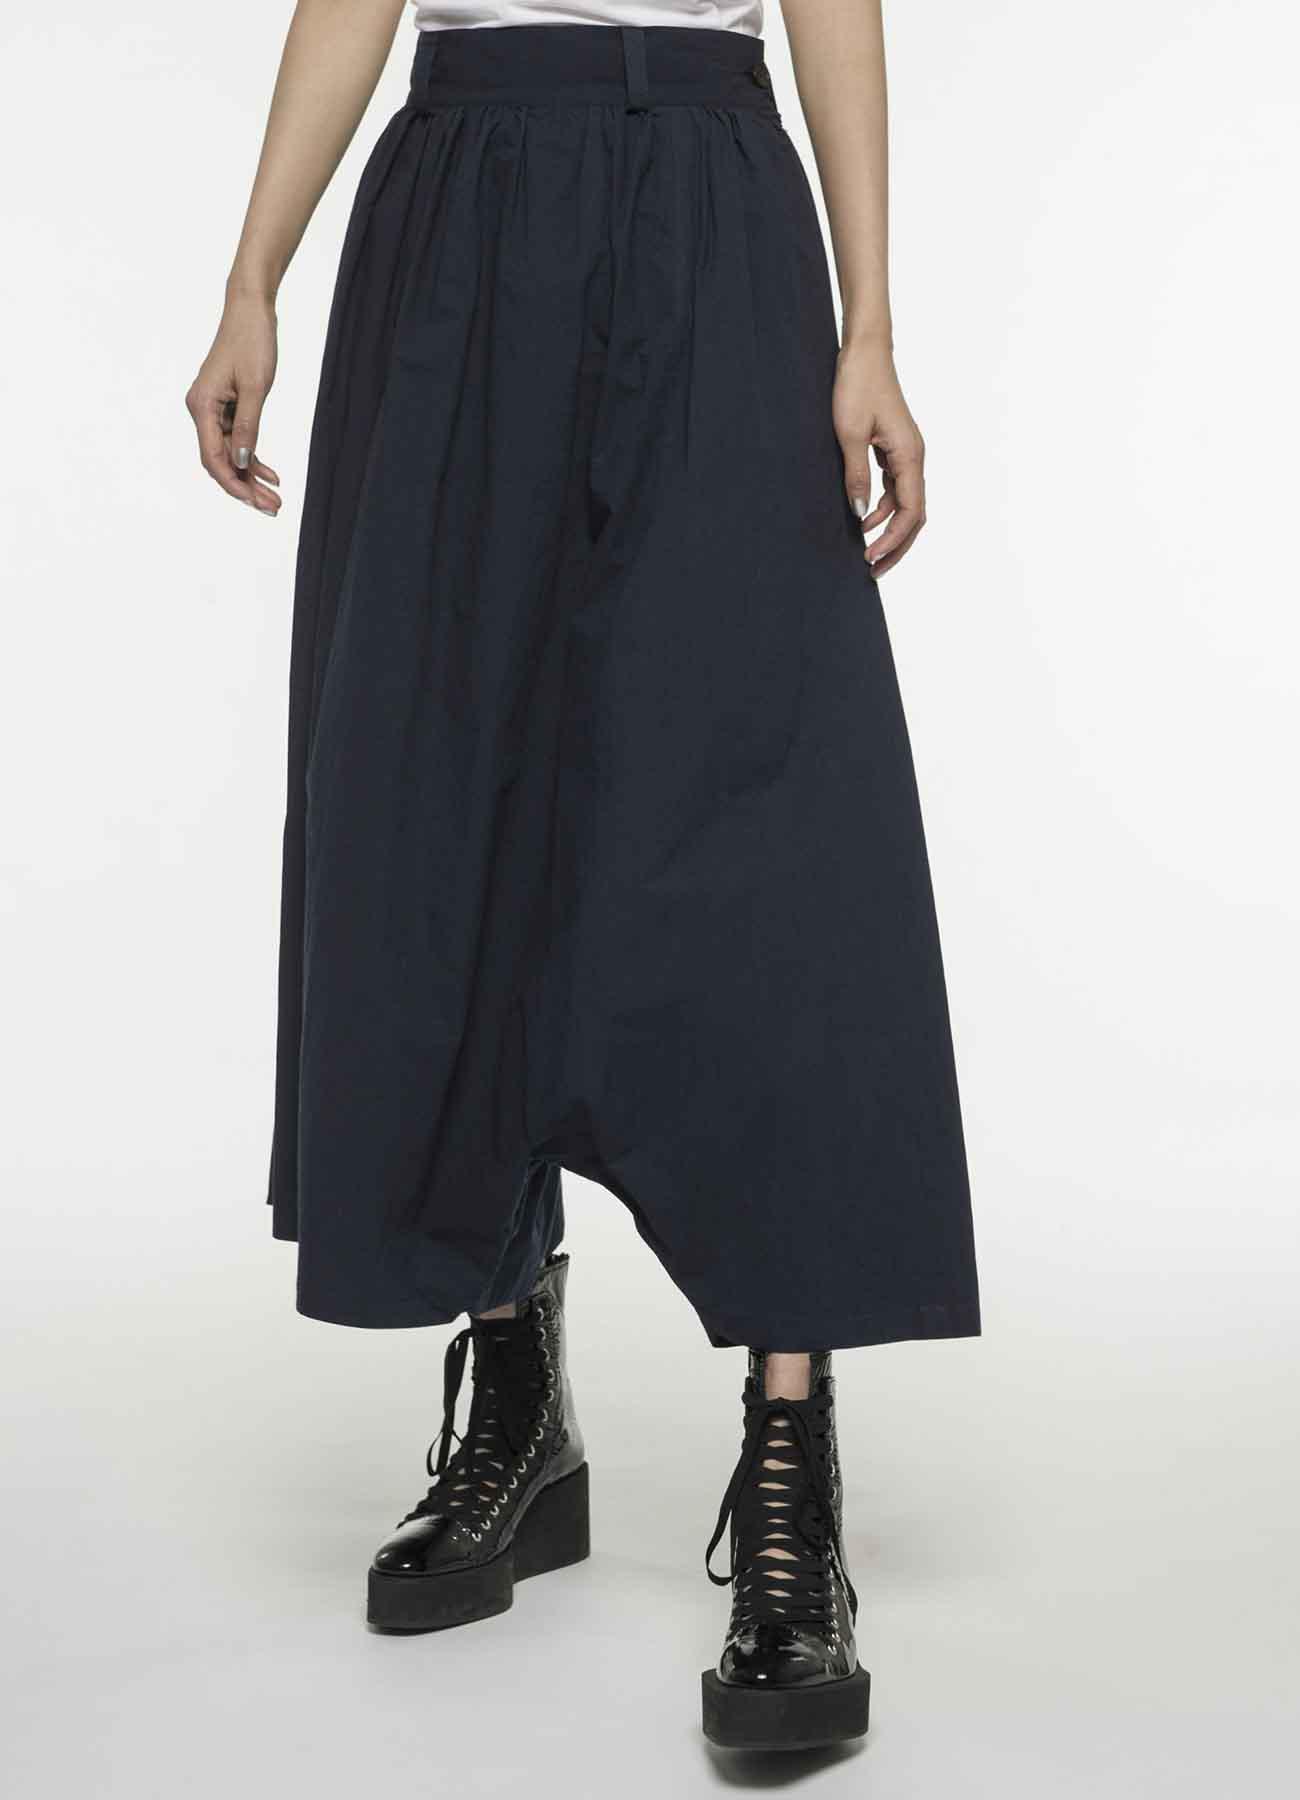 变形褶皱裤裙